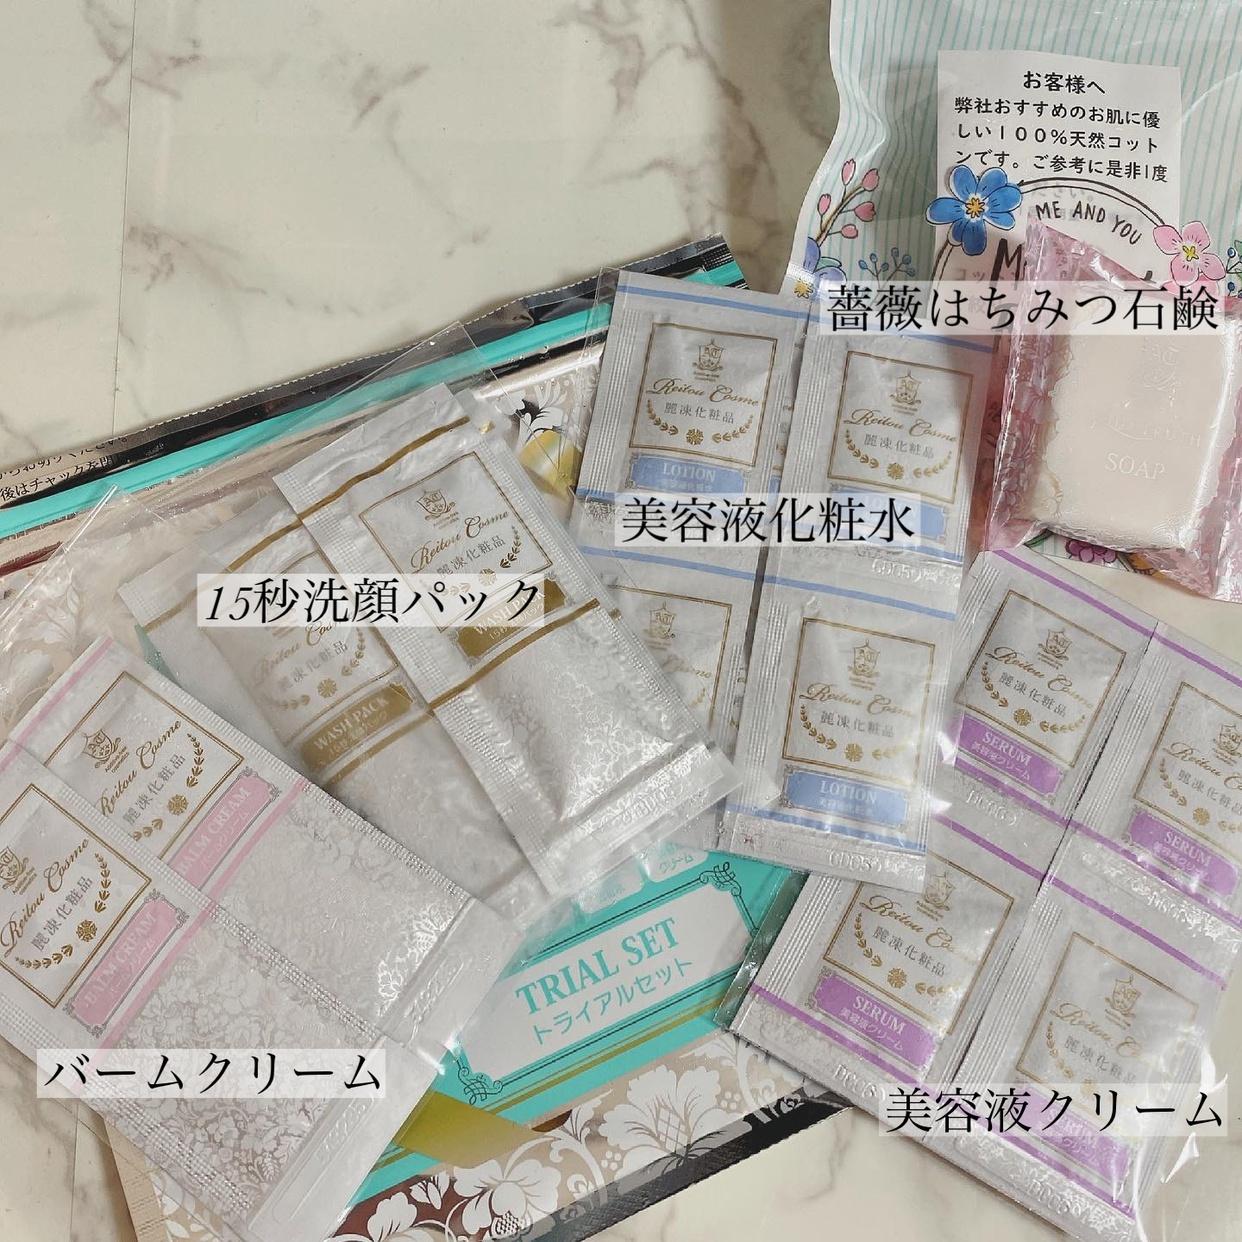 麗凍化粧品(Reitou Cosme) トライアルセットを使ったちーこすさんのクチコミ画像2